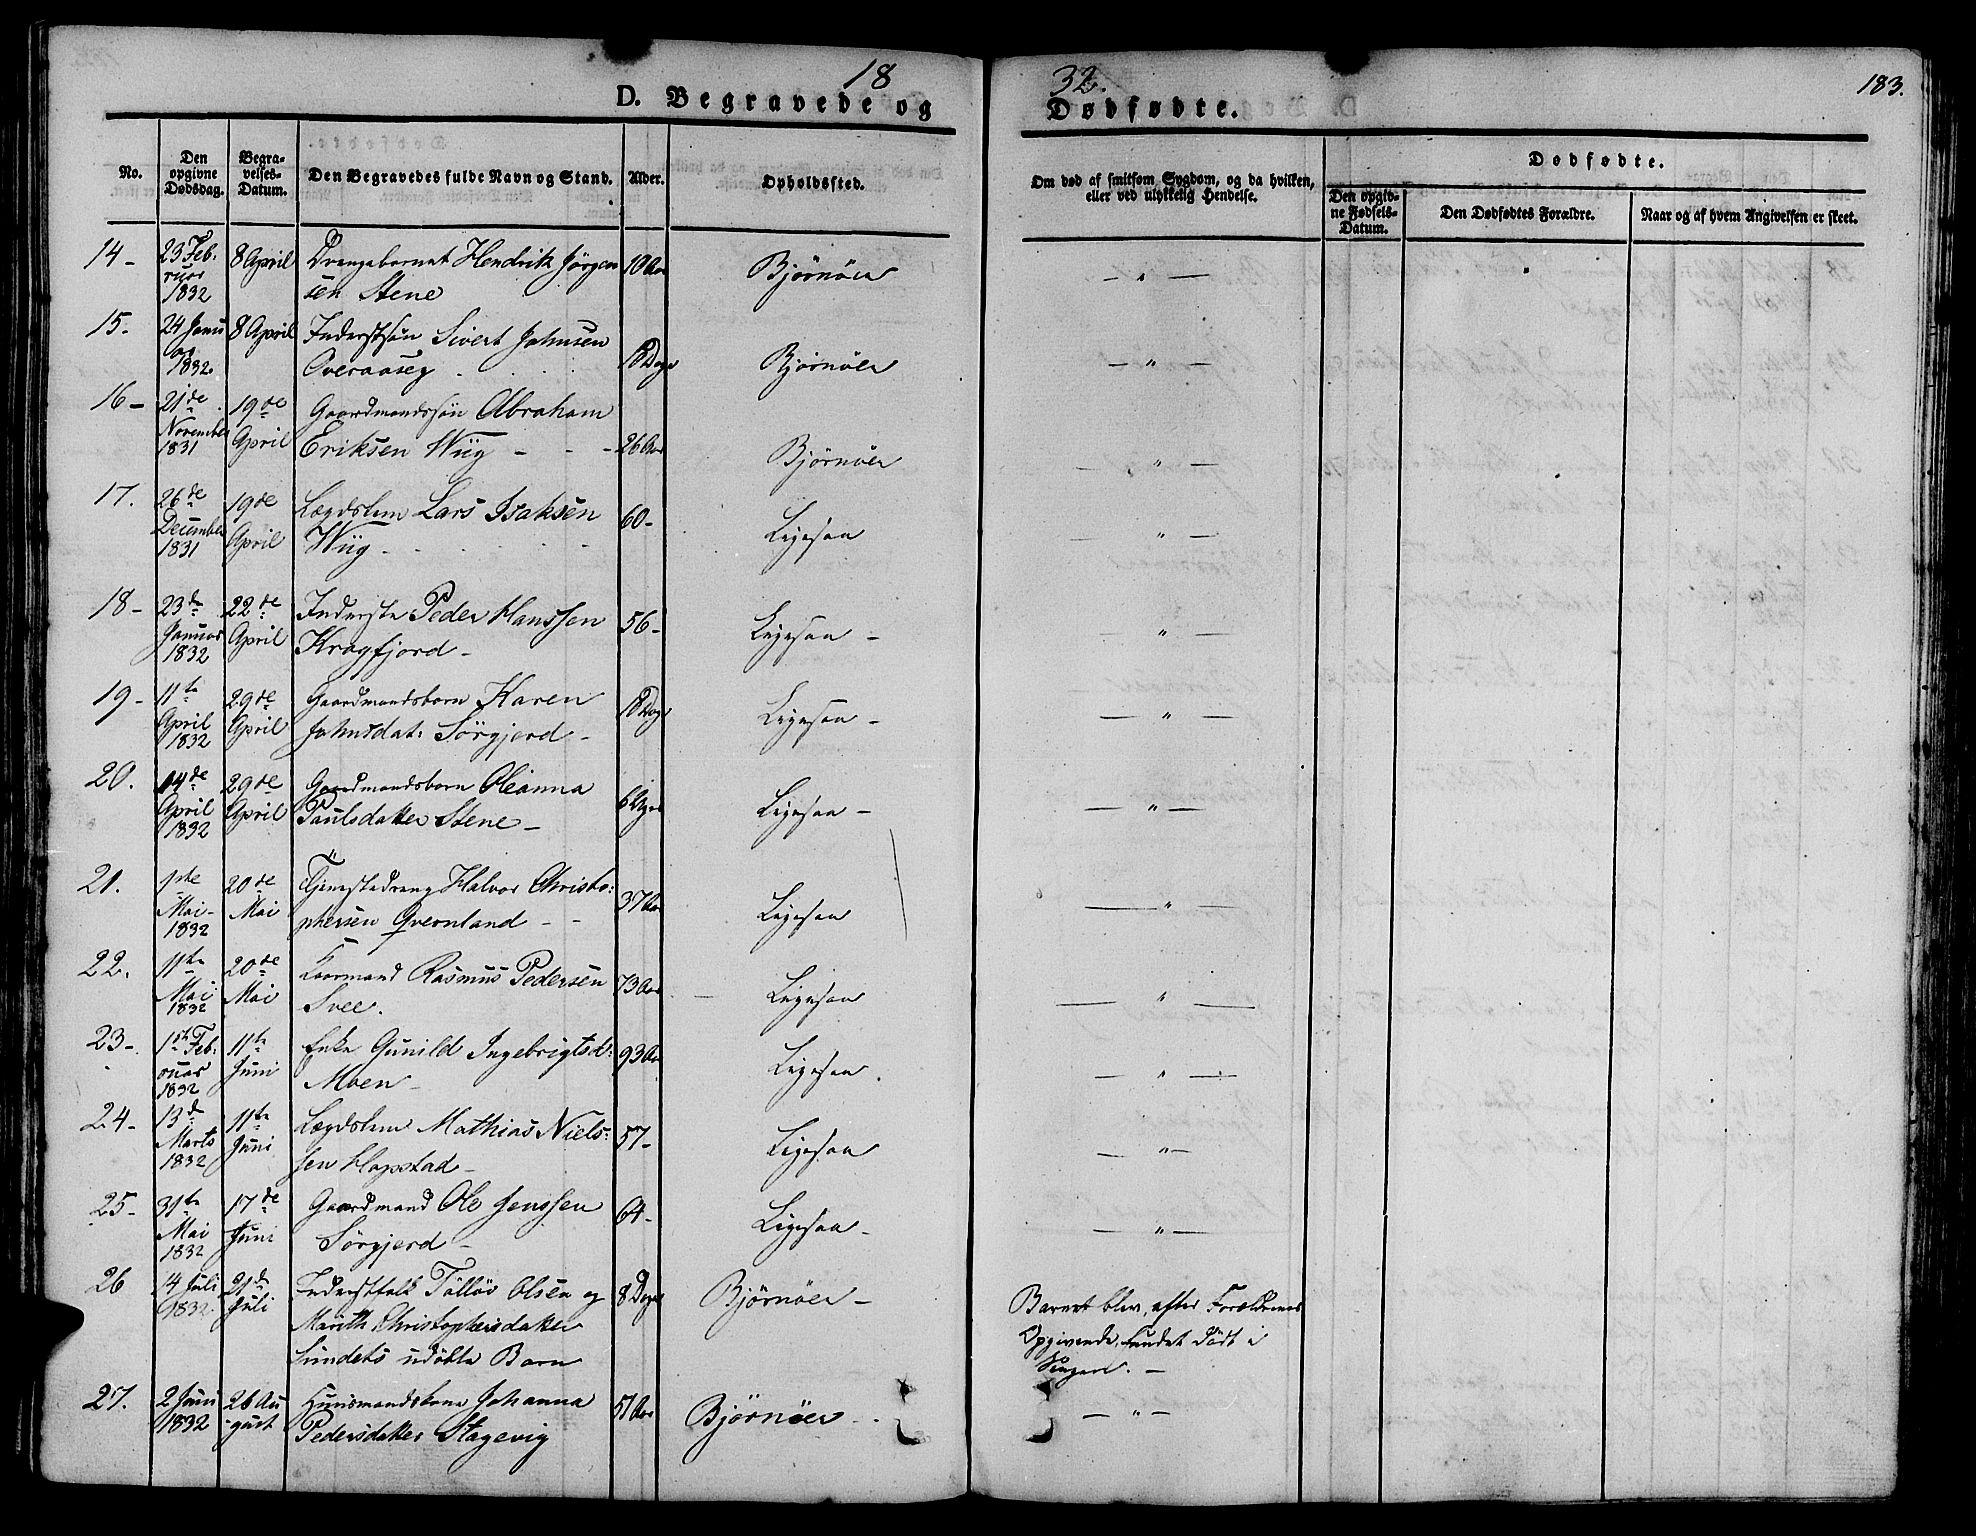 SAT, Ministerialprotokoller, klokkerbøker og fødselsregistre - Sør-Trøndelag, 657/L0703: Ministerialbok nr. 657A04, 1831-1846, s. 183